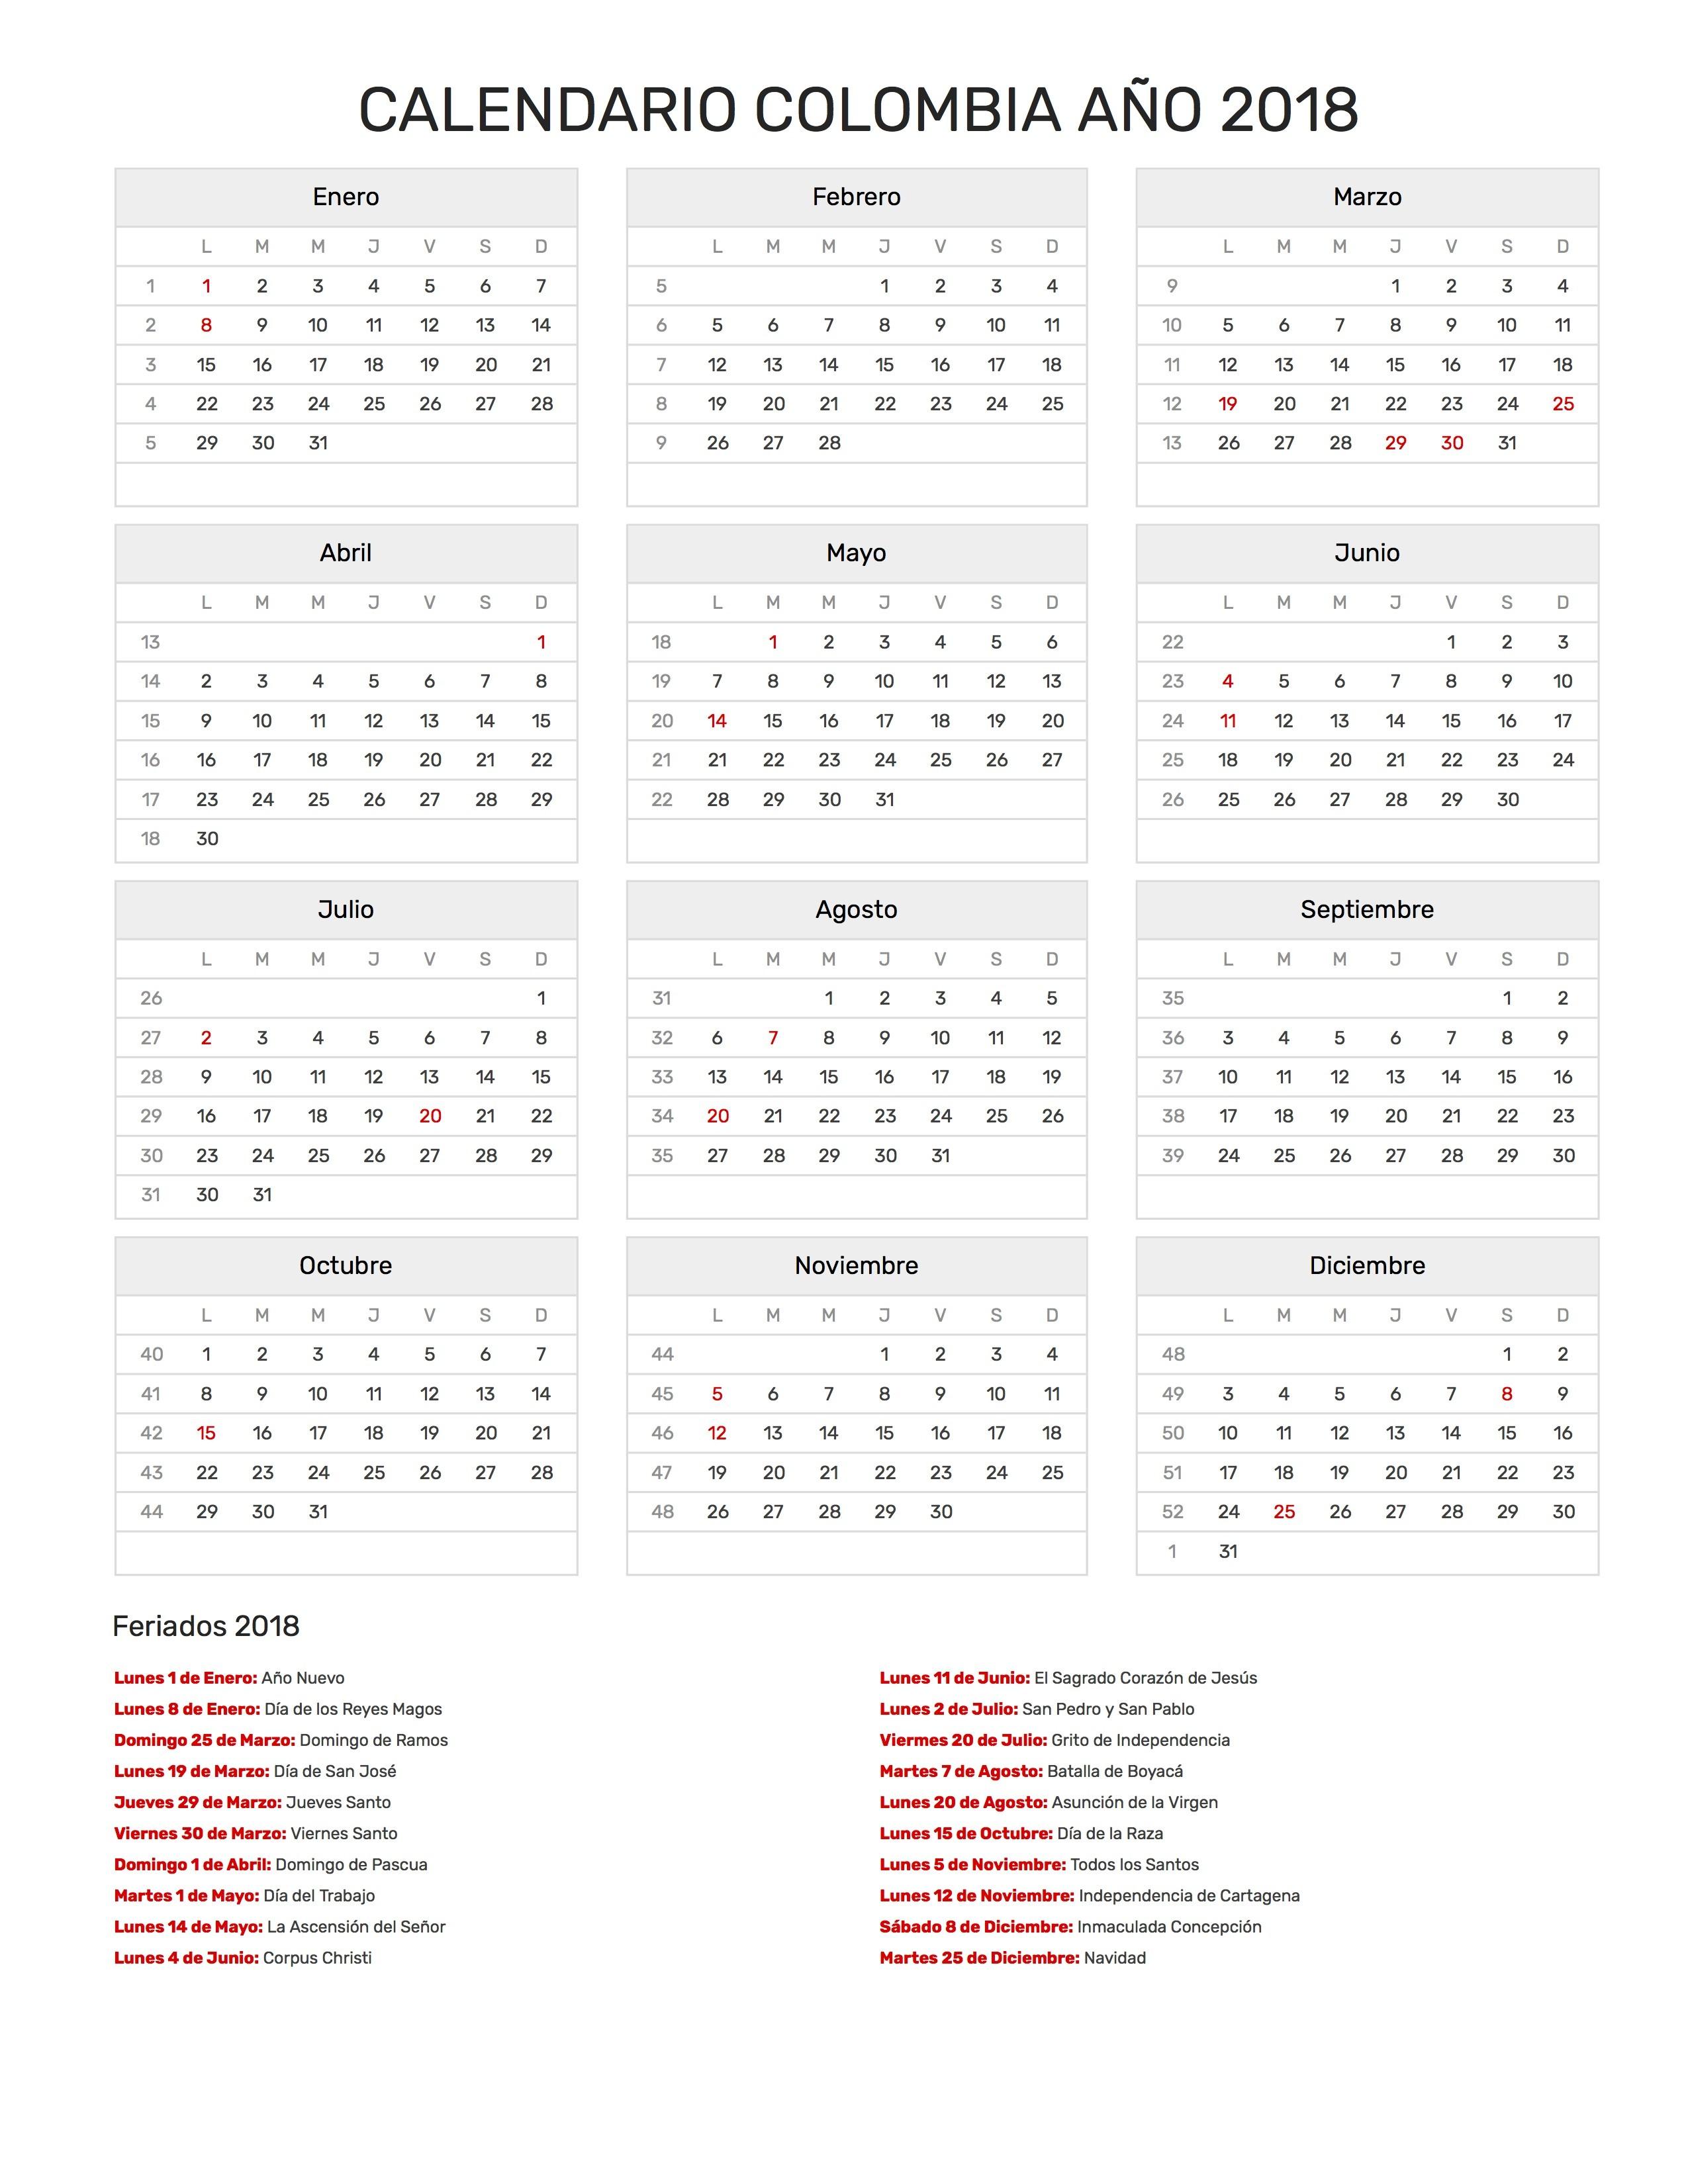 Calendario 2019 Rd Dias Festivos Más Populares Rankia Colombia Abril 2017 Dias Festivos Of Calendario 2019 Rd Dias Festivos Actual mpetu Pucallpa 23 De Marzo De 2019 by Diario mpetu issuu